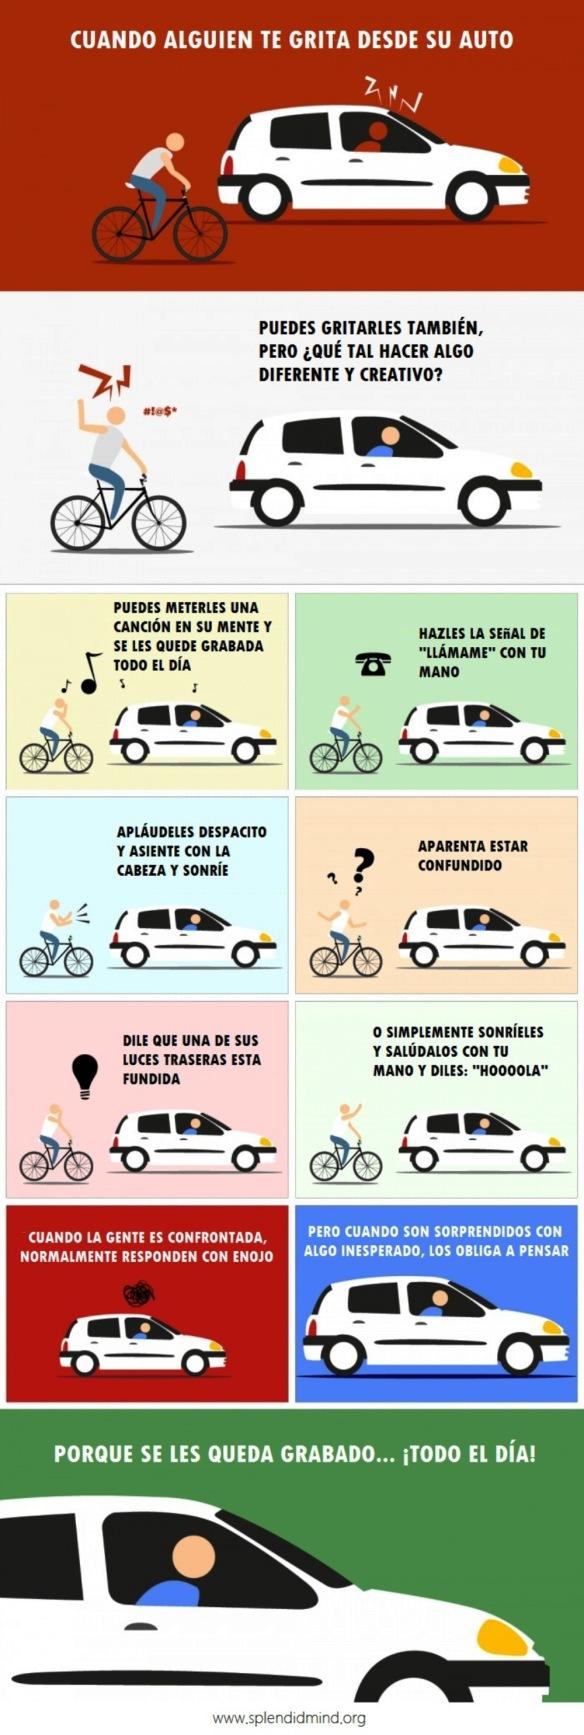 Esta Imagen Te Explica Qué Hacer Cuando Alguien Te Insulta En La Carretera Splendidmind